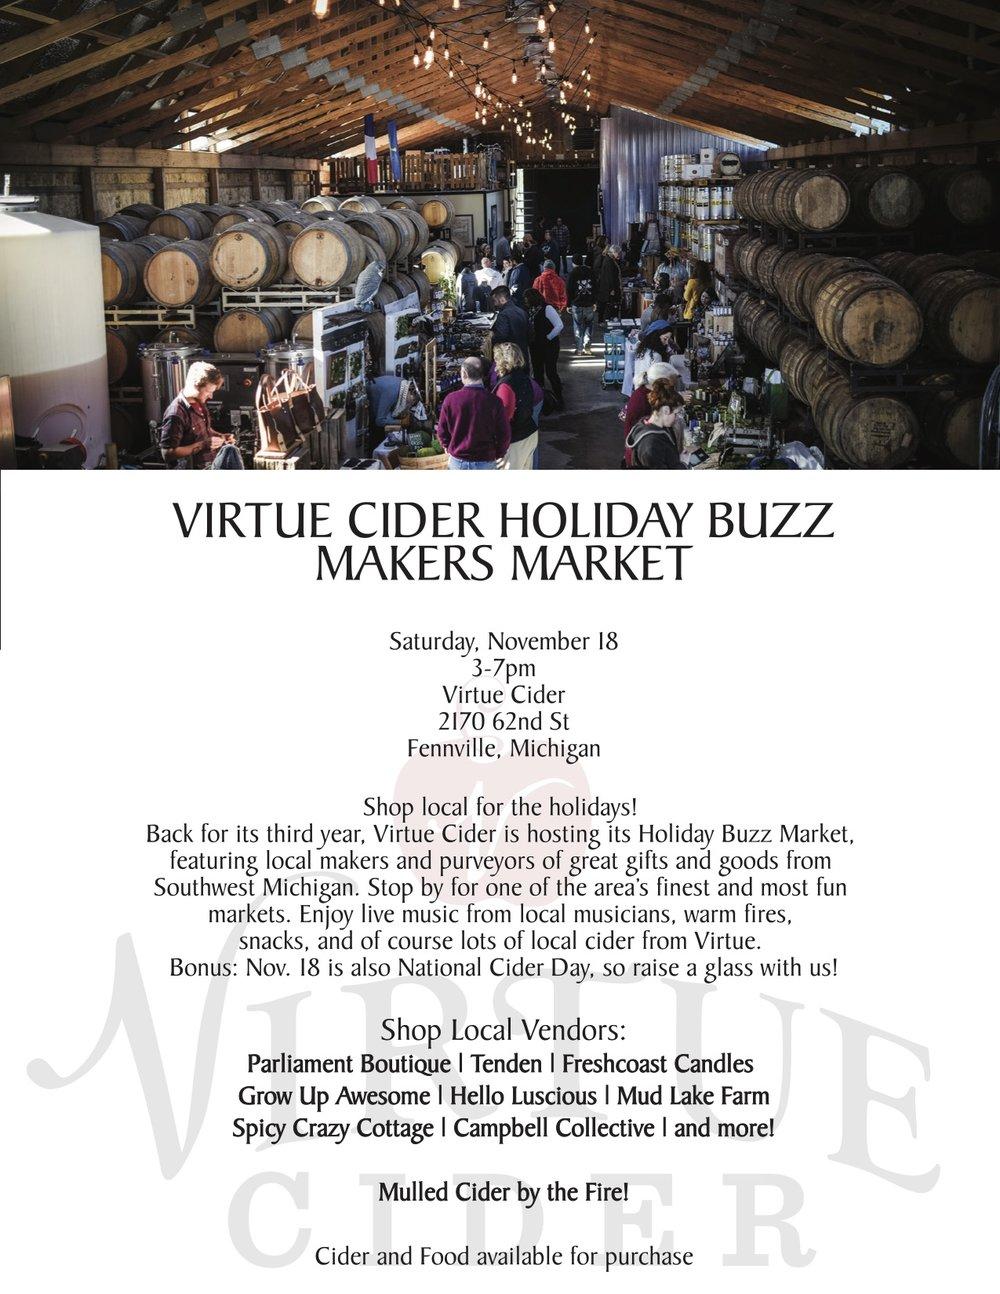 Holiday Buzz Market flyer 2017.jpg